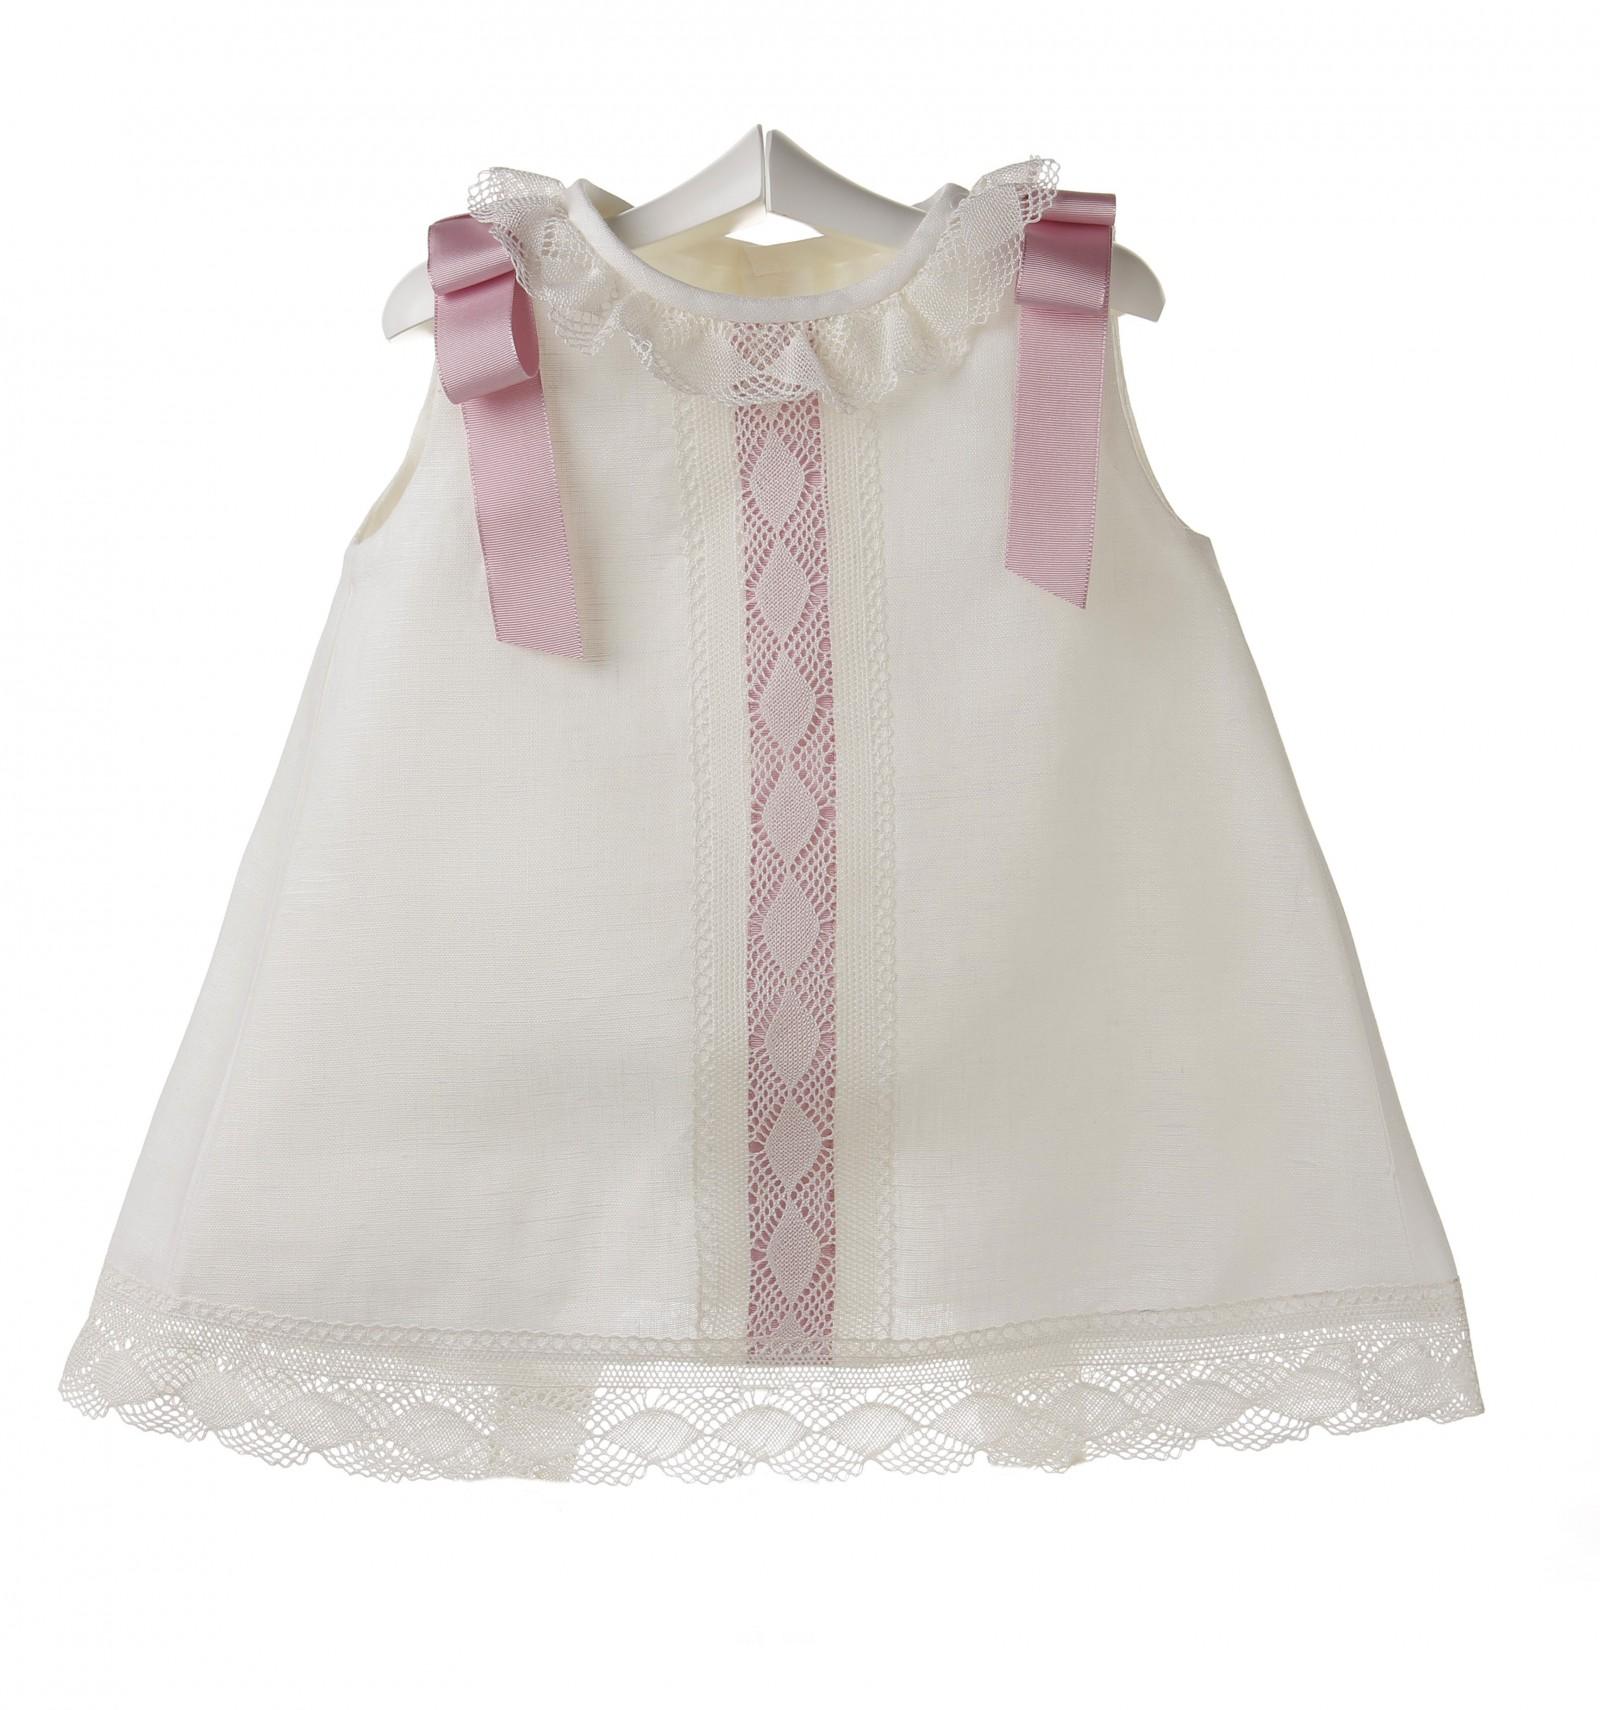 Comprar vestido de ceremonia y bautizo para bebe de lino f2f8cd21c34